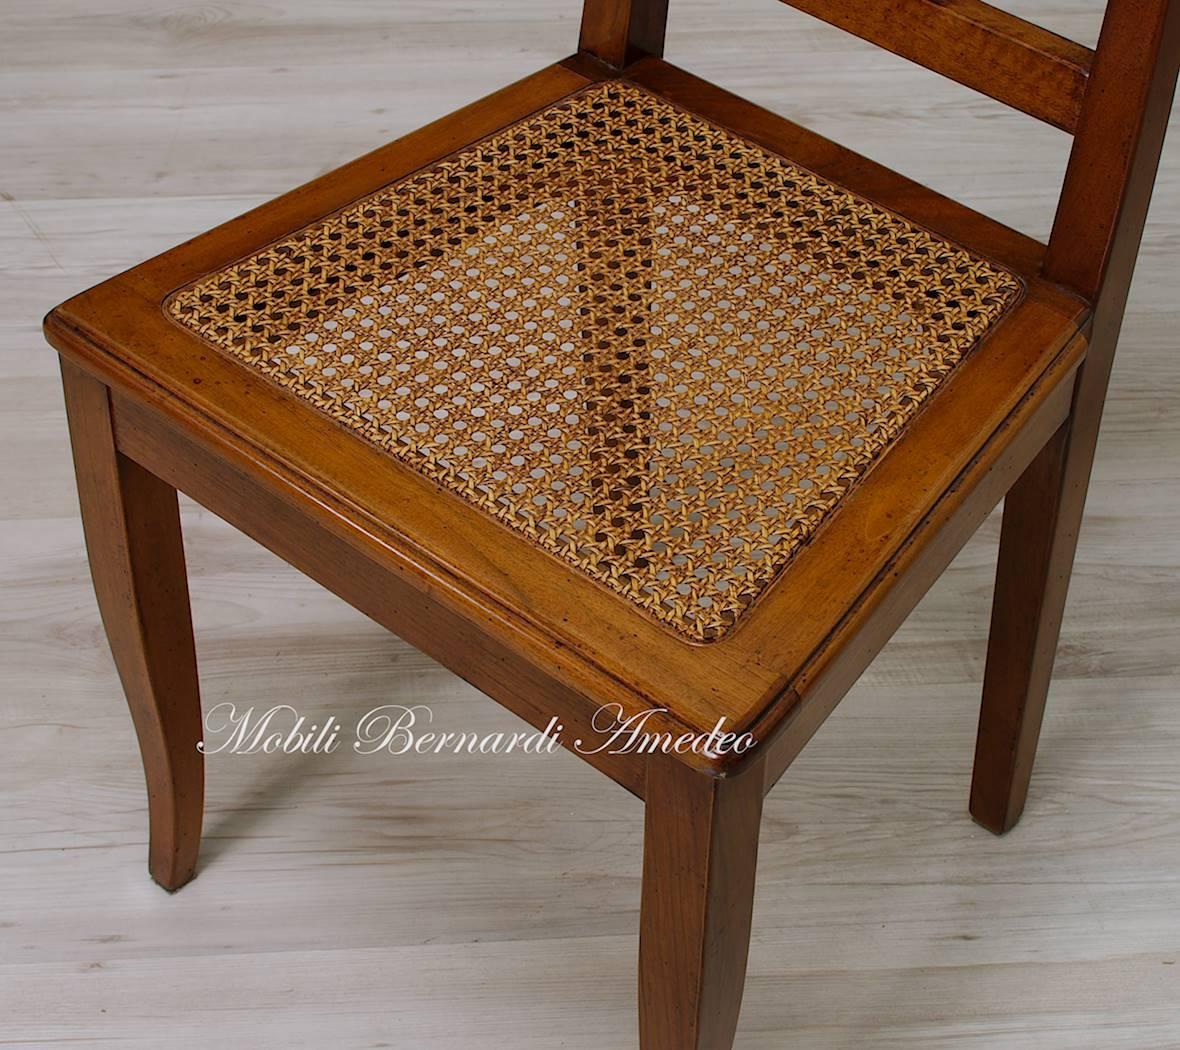 Sedie e poltroncine iv sedie poltroncine divanetti - Sostituire seduta sedia ...